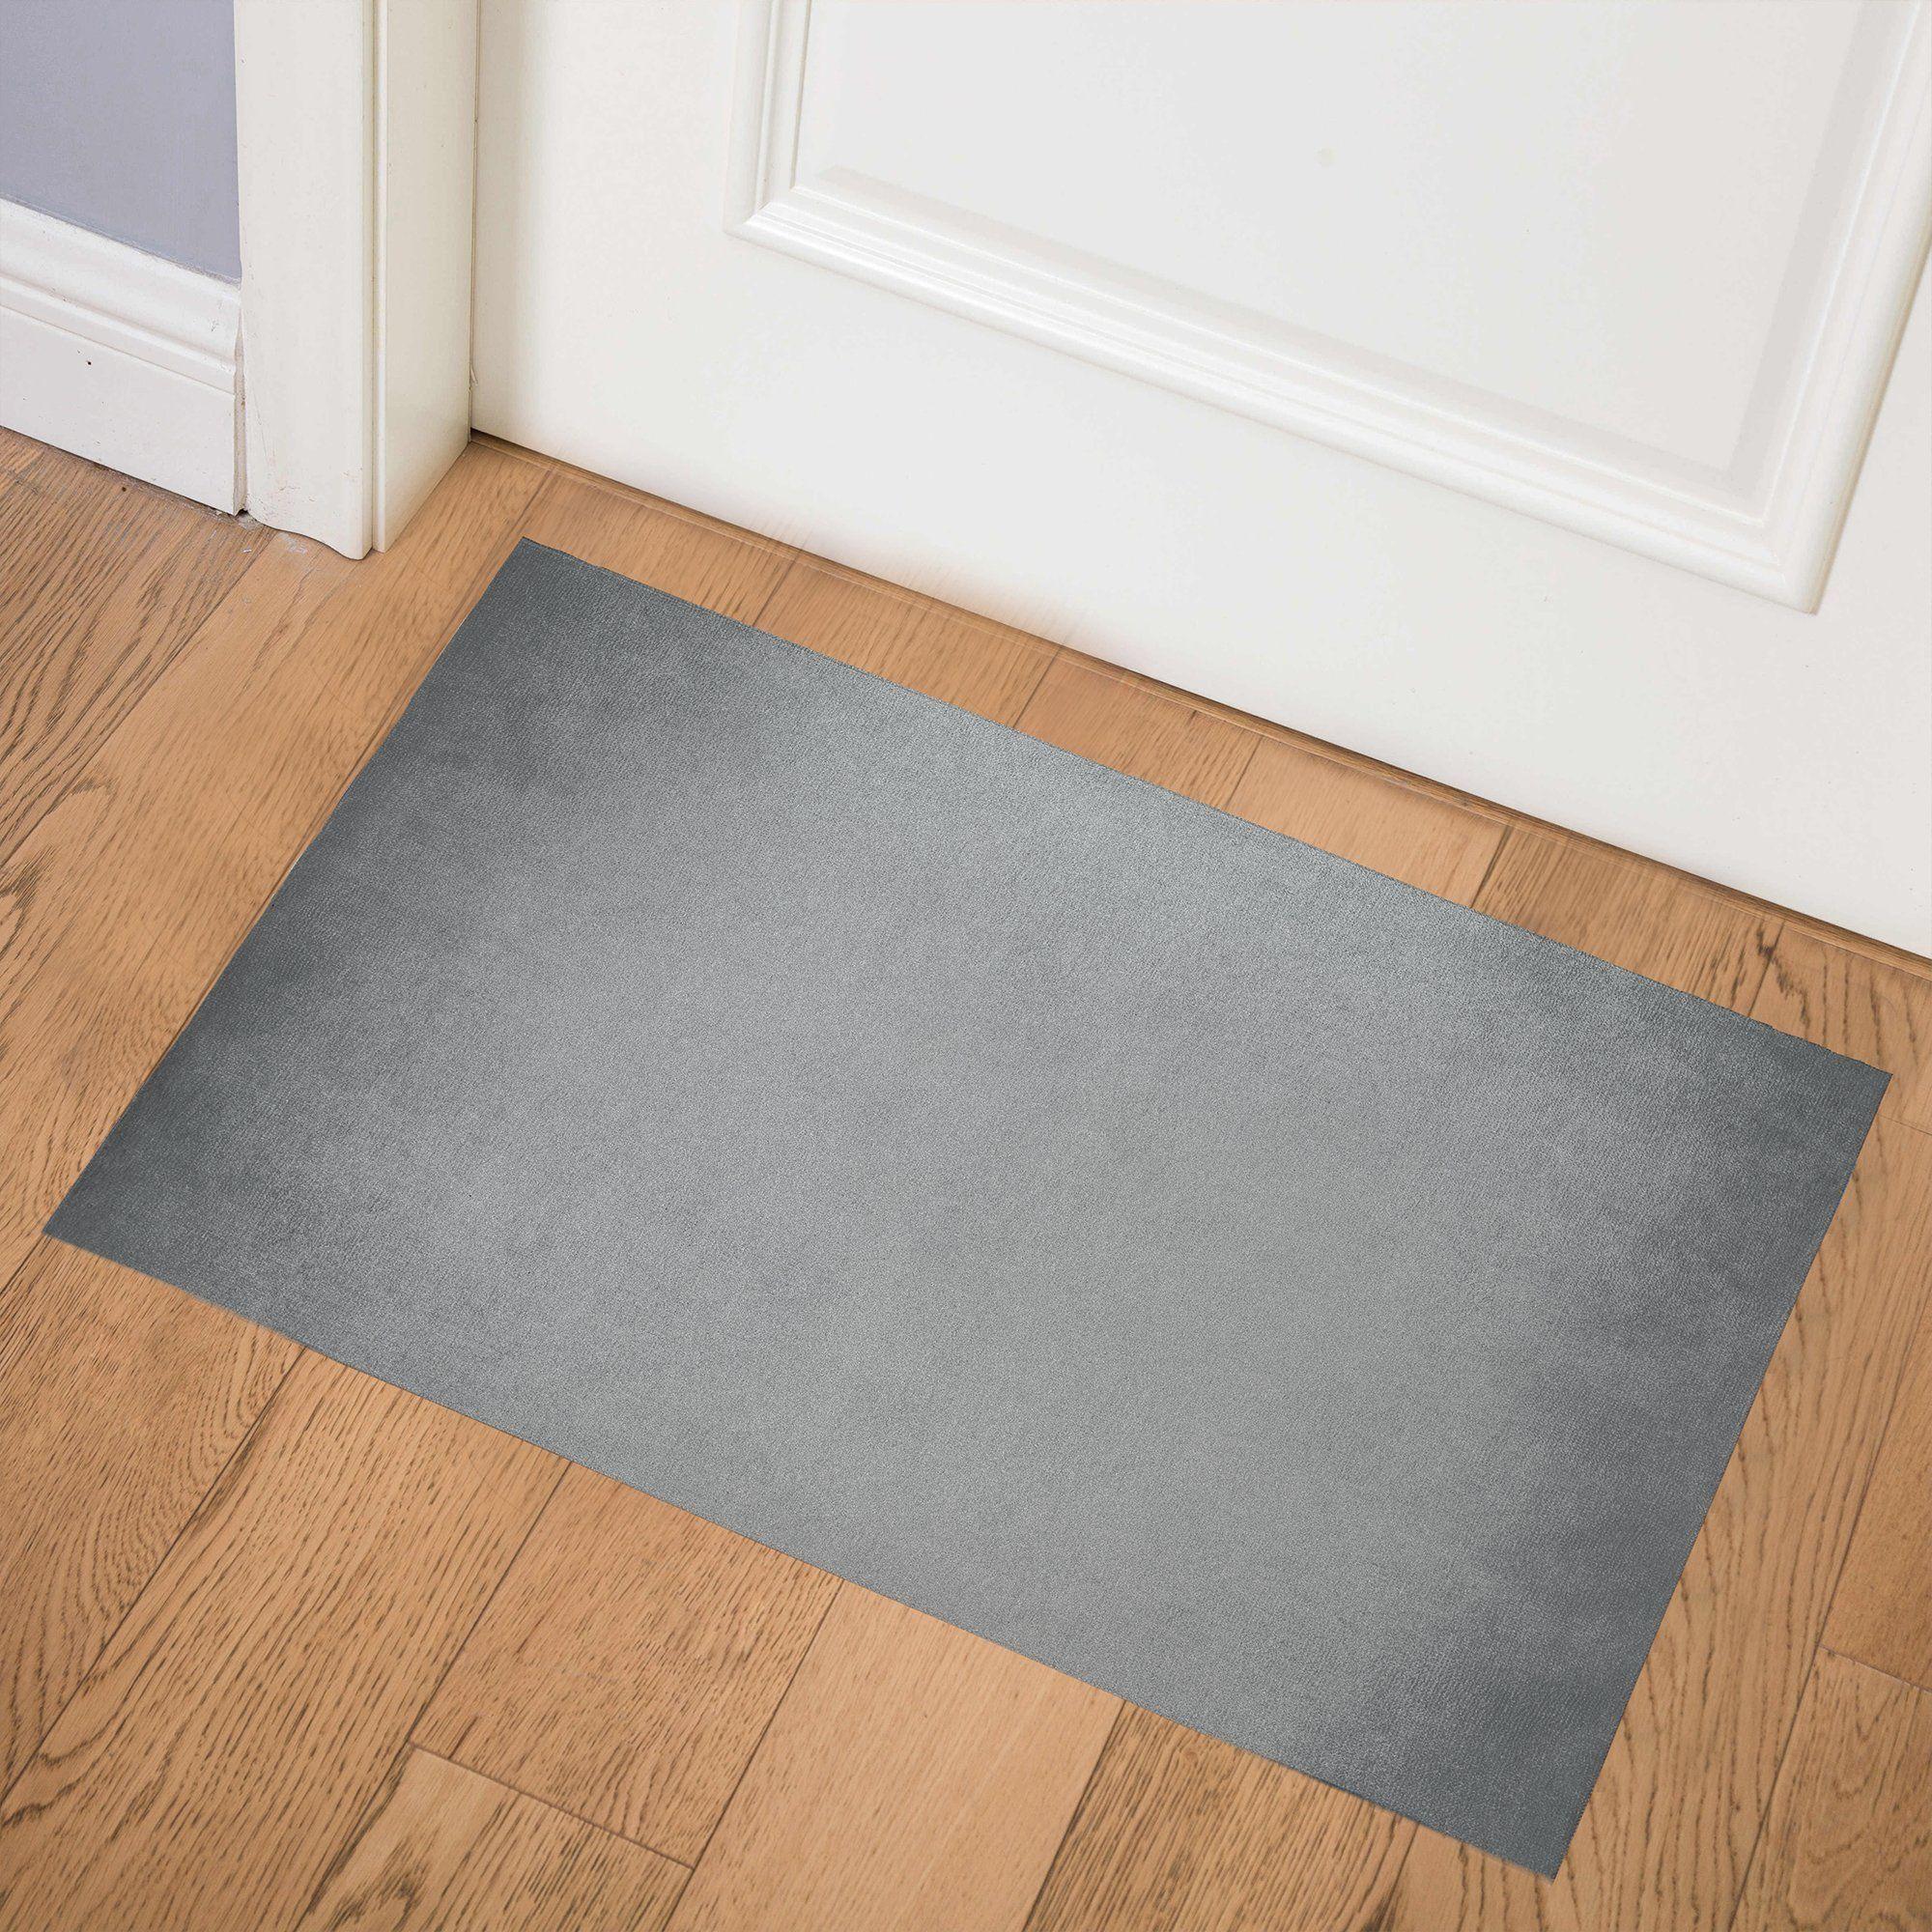 OMBRE GREY Indoor Floor Mat By Marina Gutierrez - 4ft x 6ft